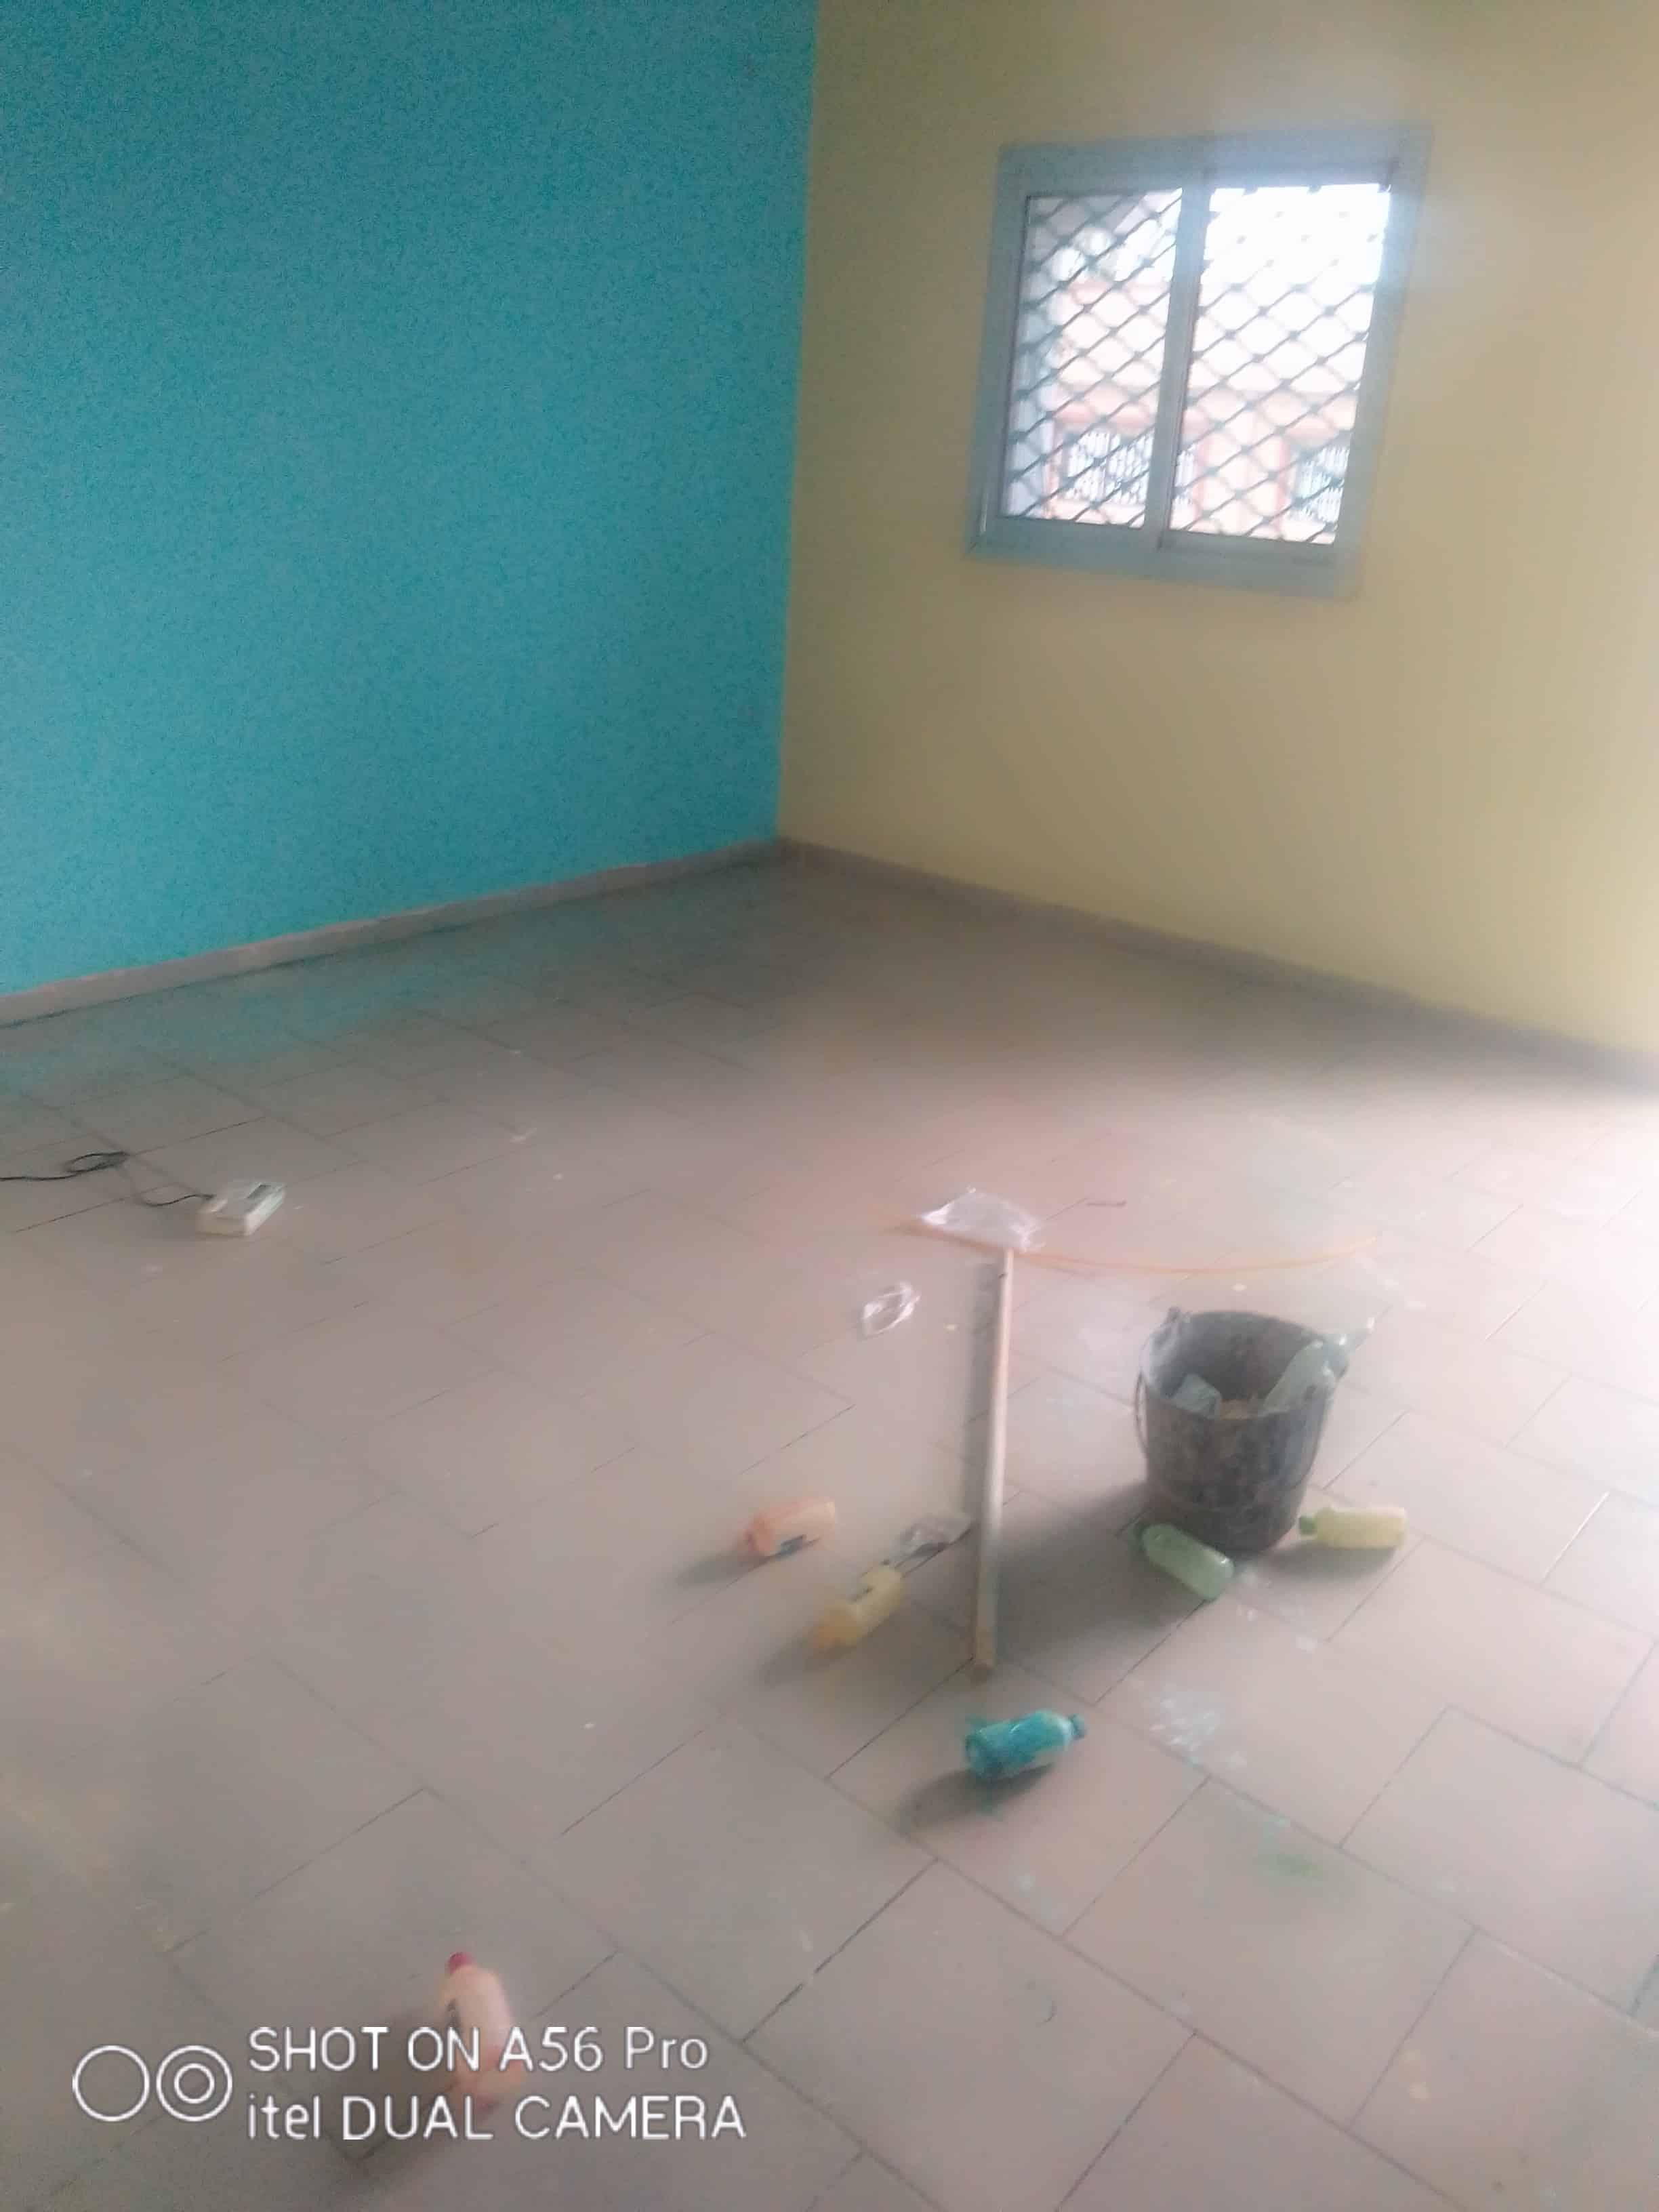 Appartement à louer - Douala, Logpom, Carrefour basson - 1 salon(s), 2 chambre(s), 2 salle(s) de bains - 75 000 FCFA / mois